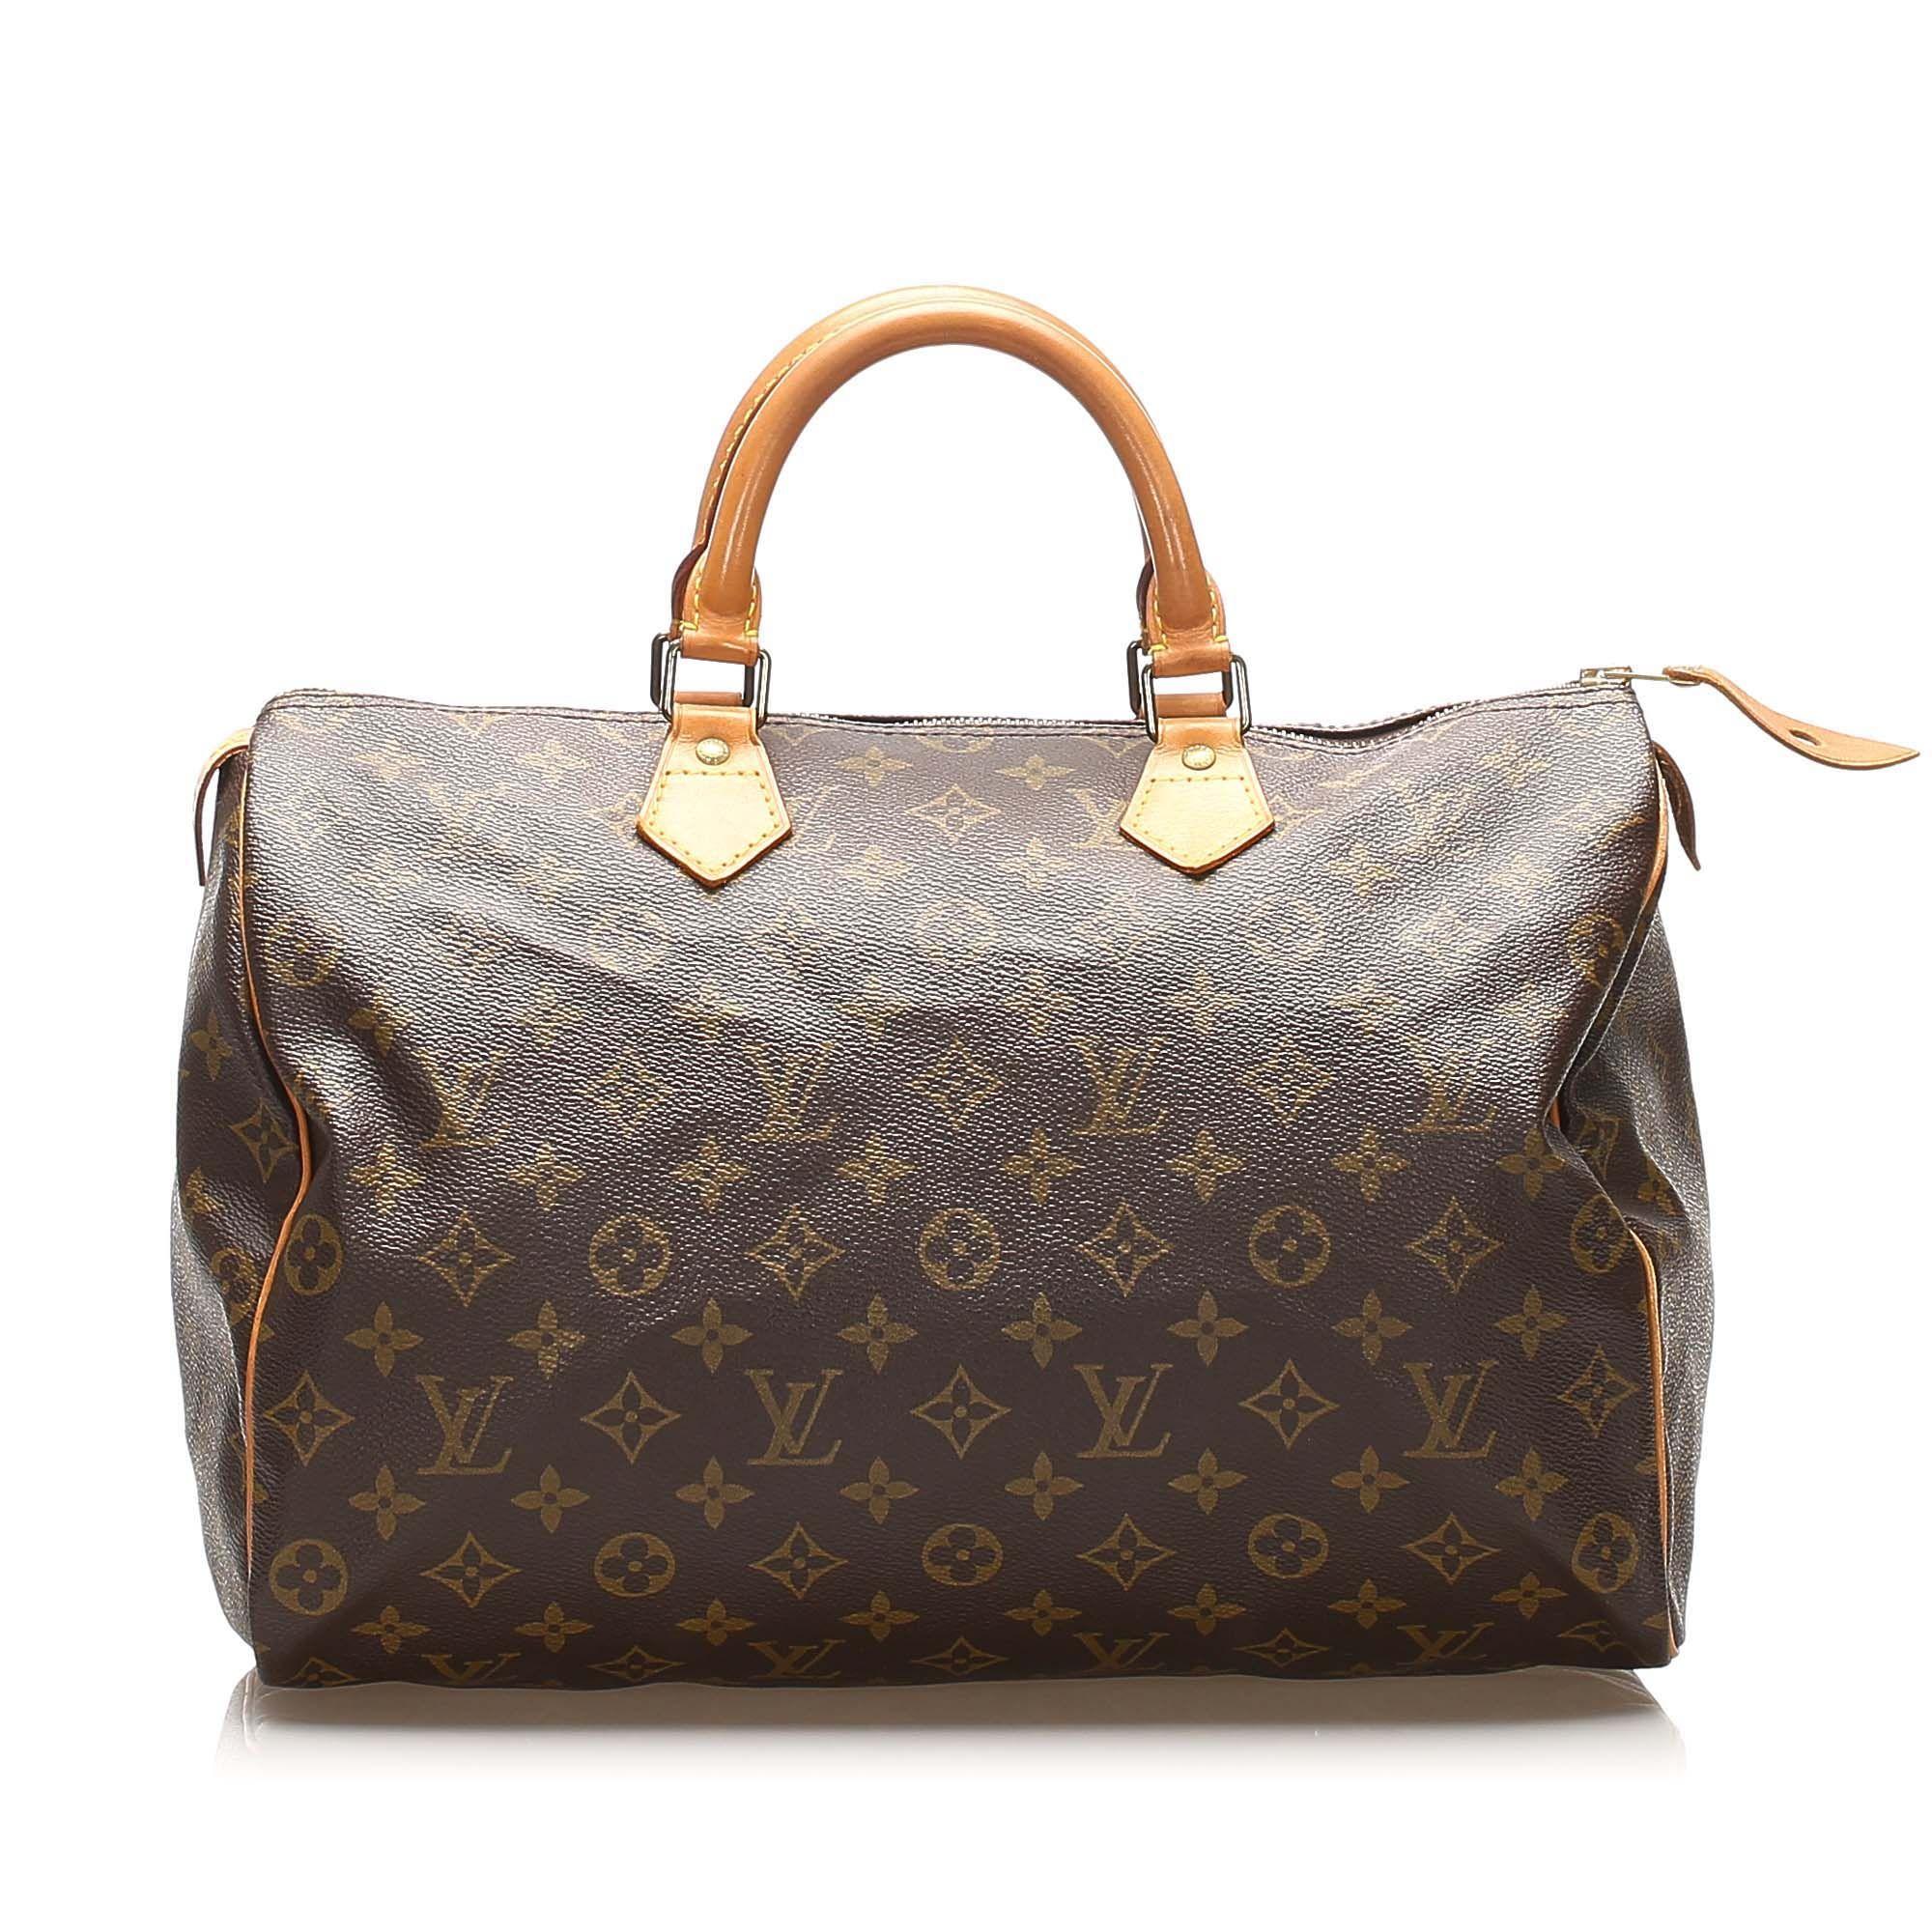 Vintage Louis Vuitton Monogram Speedy 30 Brown